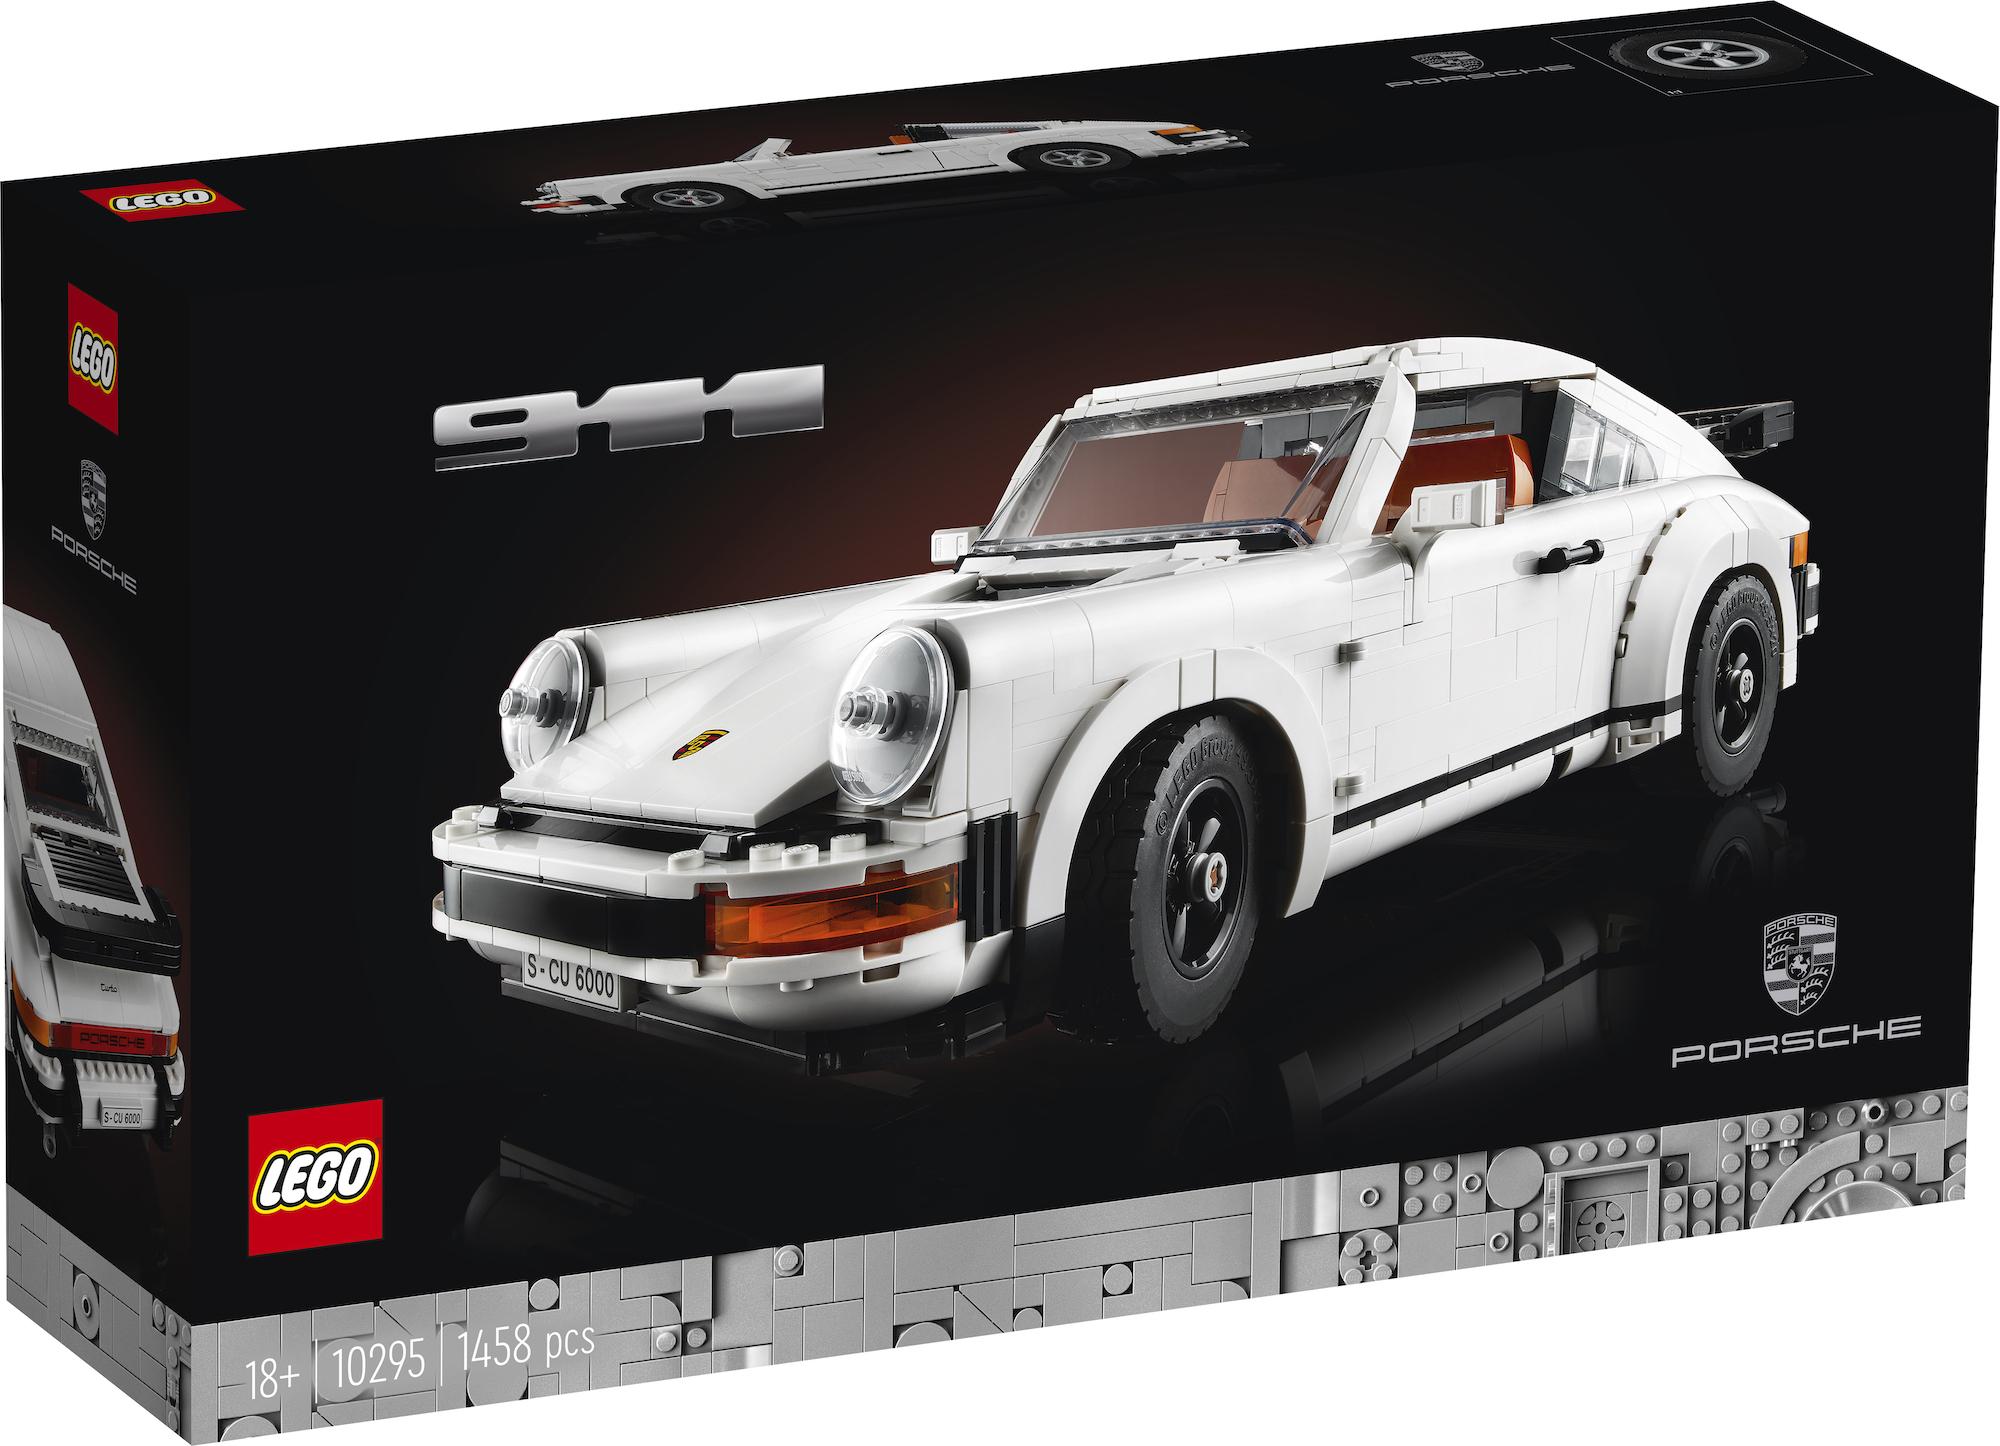 LEGO unveils Porsche 911 Turbo and 911 Targa set